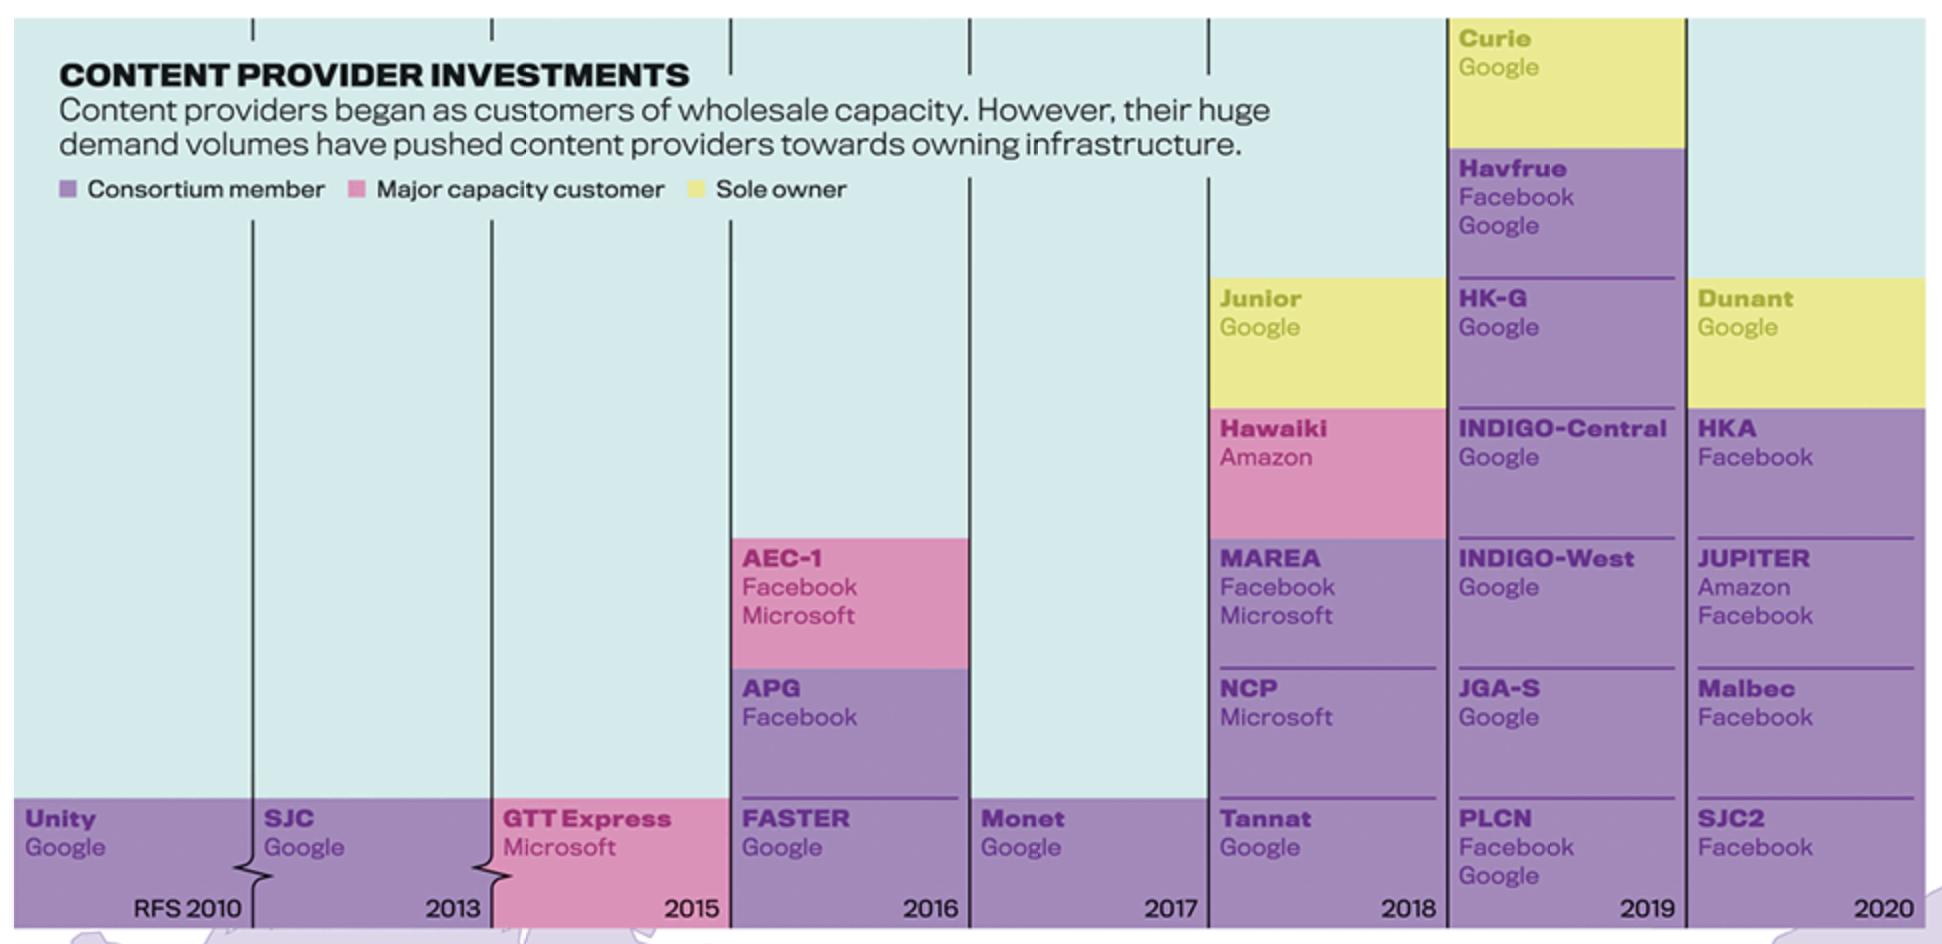 Abbildung 5: Investitionen der großen Digitalgiganten in physische Infrastrukturen, TeleGeography